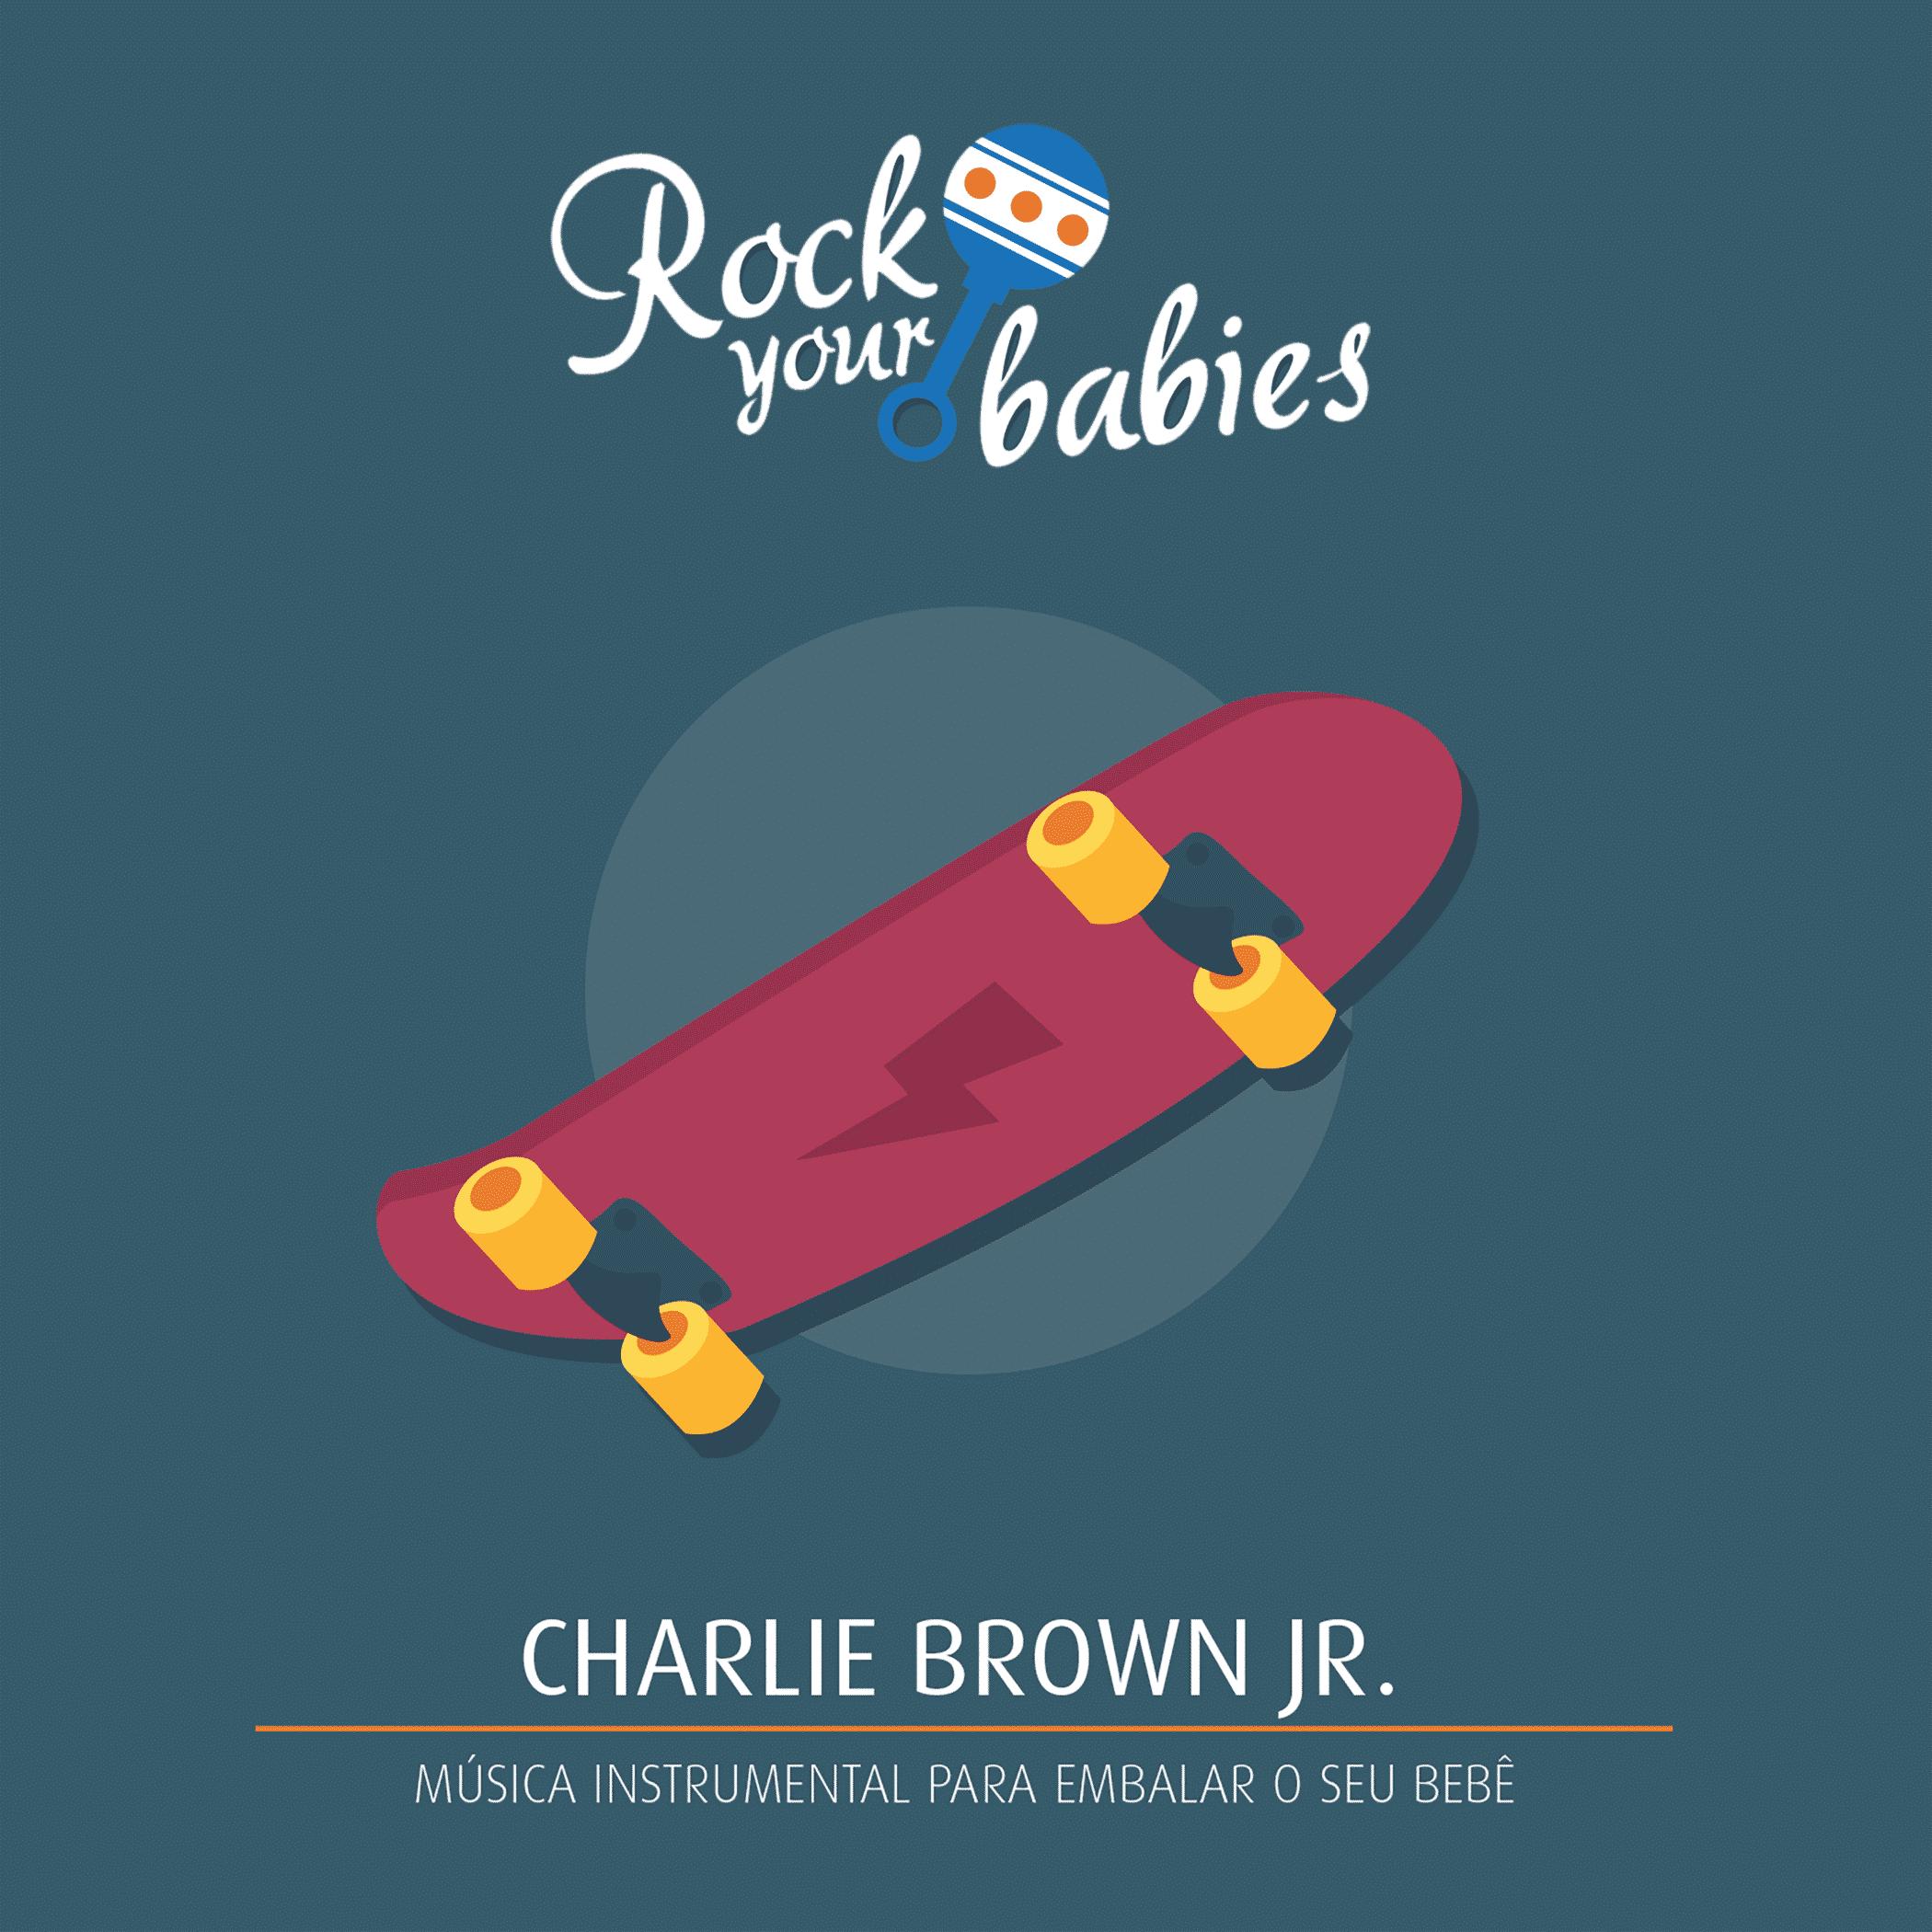 Rock Your Babies retoma a série com o lançamento de álbuns dedicados a Charlie Brown Jr. e Capital Inicial